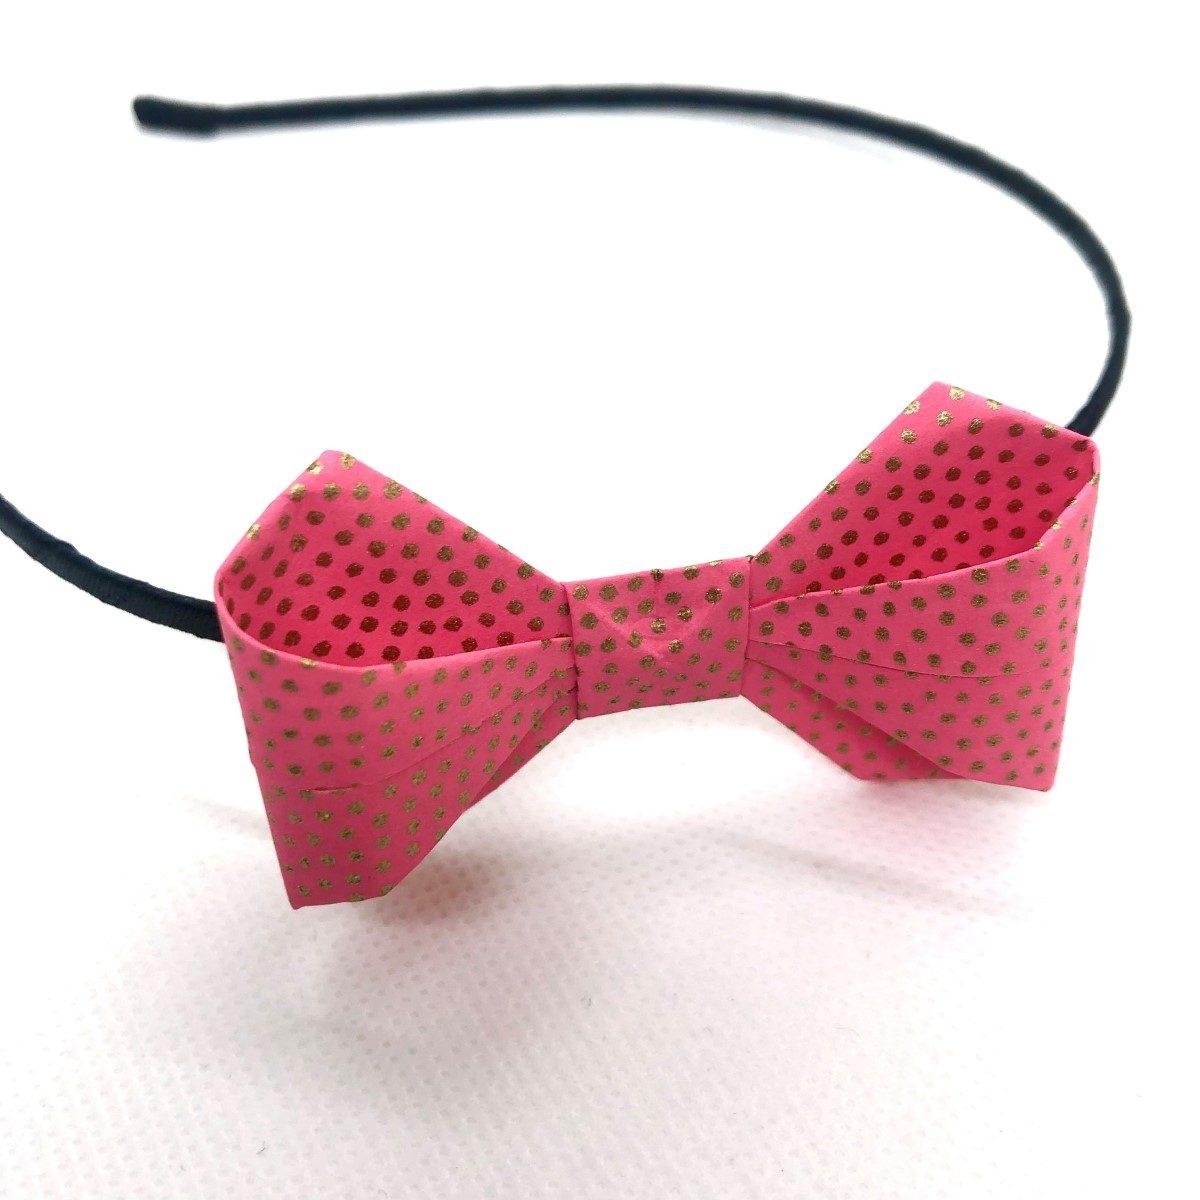 Serre-tête avec nœud en origami rose pois argentés